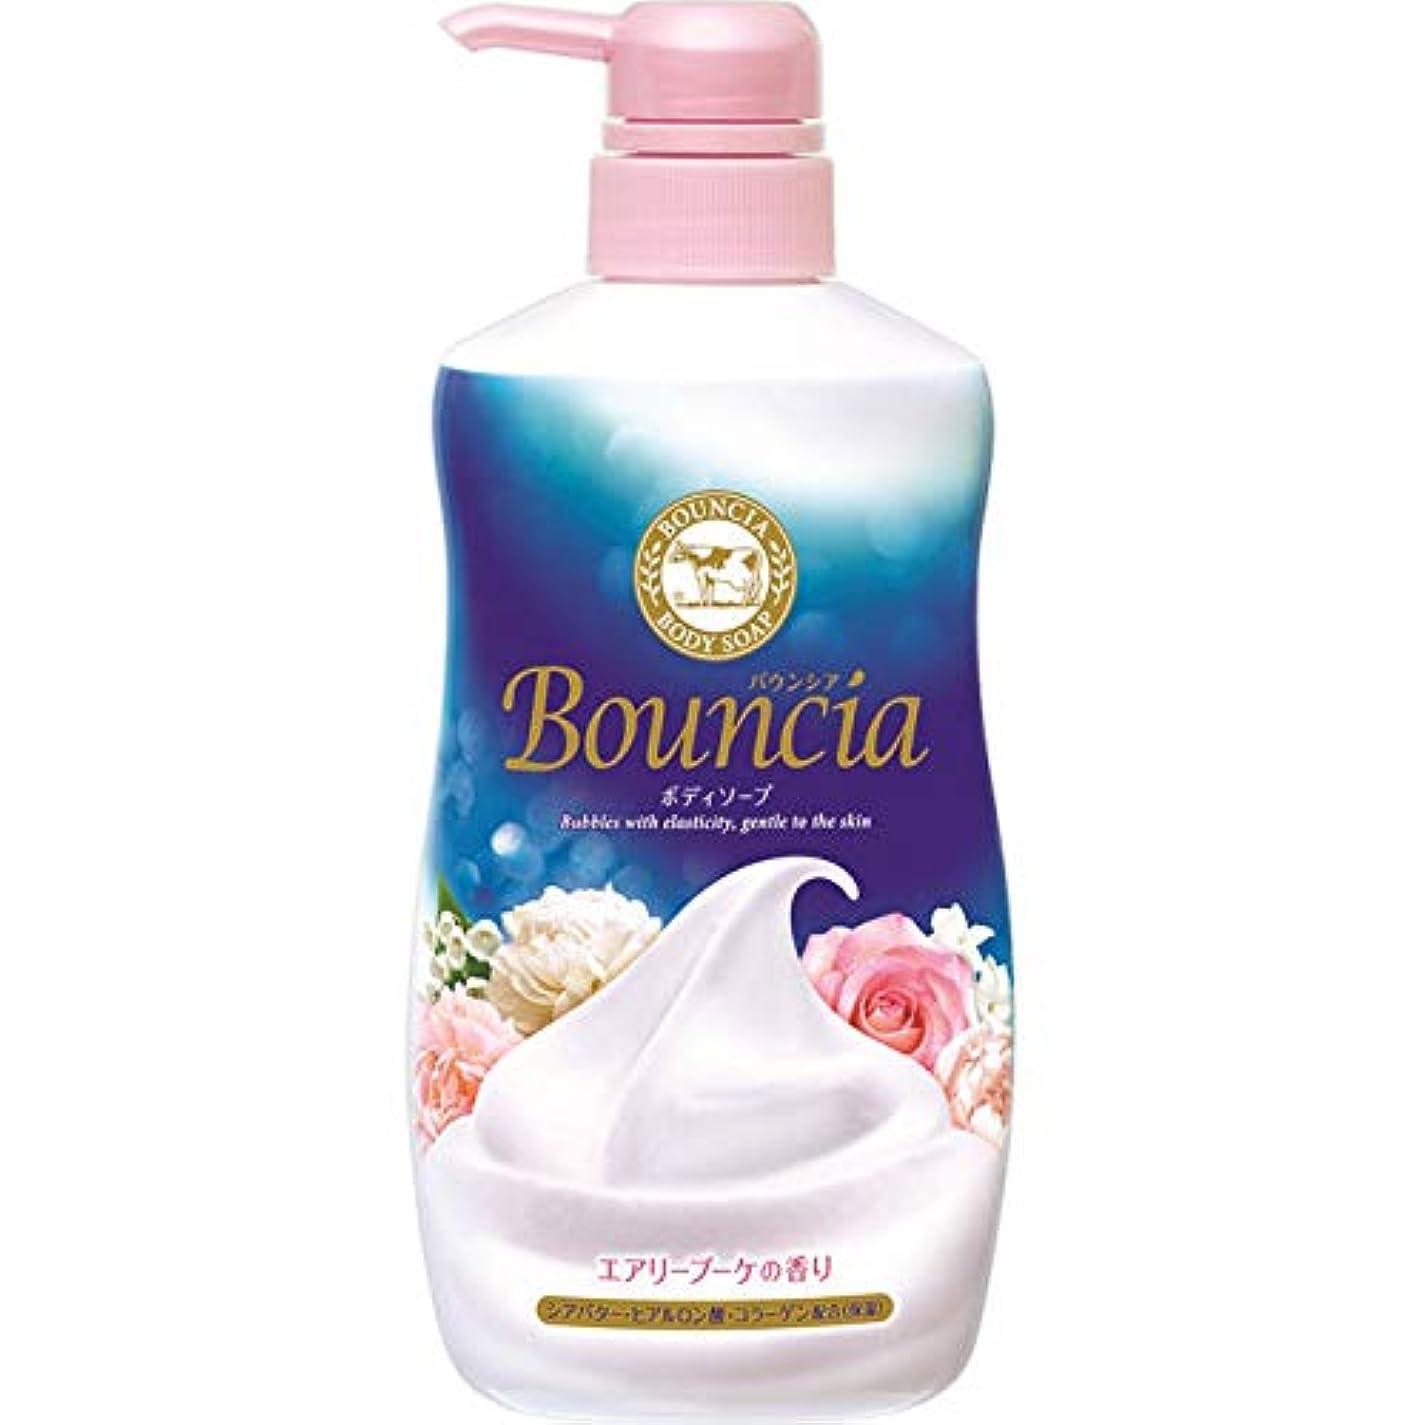 でのために大統領バウンシアボディソープ エアリーブーケの香り ポンプ付?500mL × 7個セット